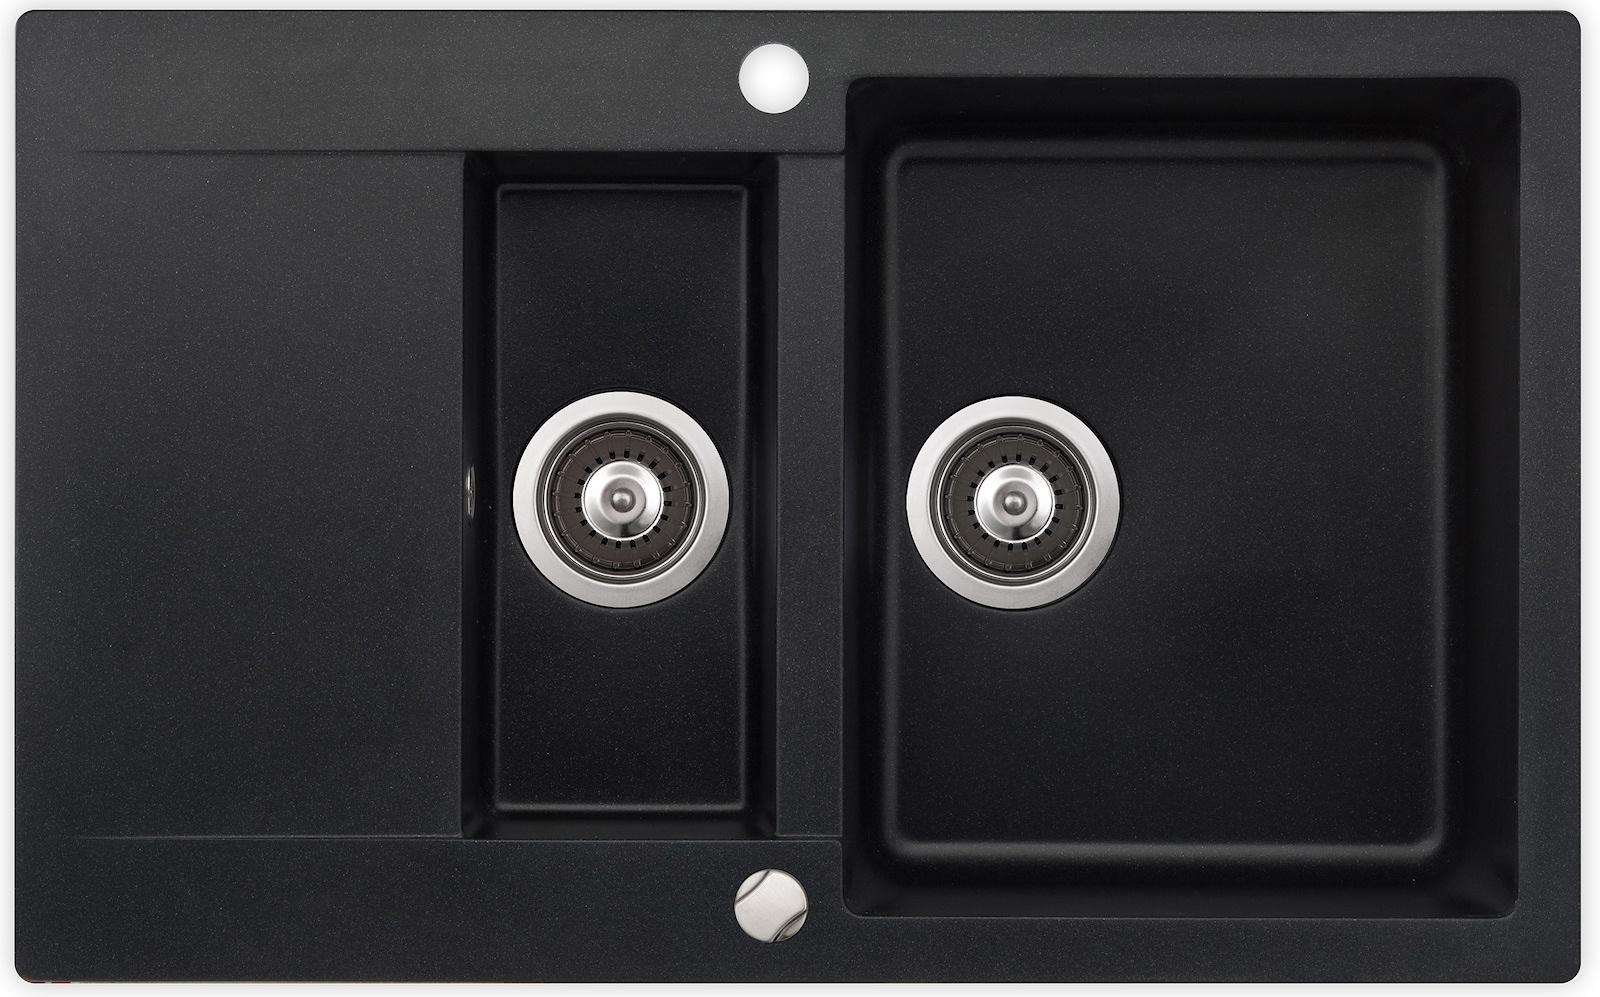 sort køkkenvask Billig sort kunstgranitvask til køkken sort køkkenvask